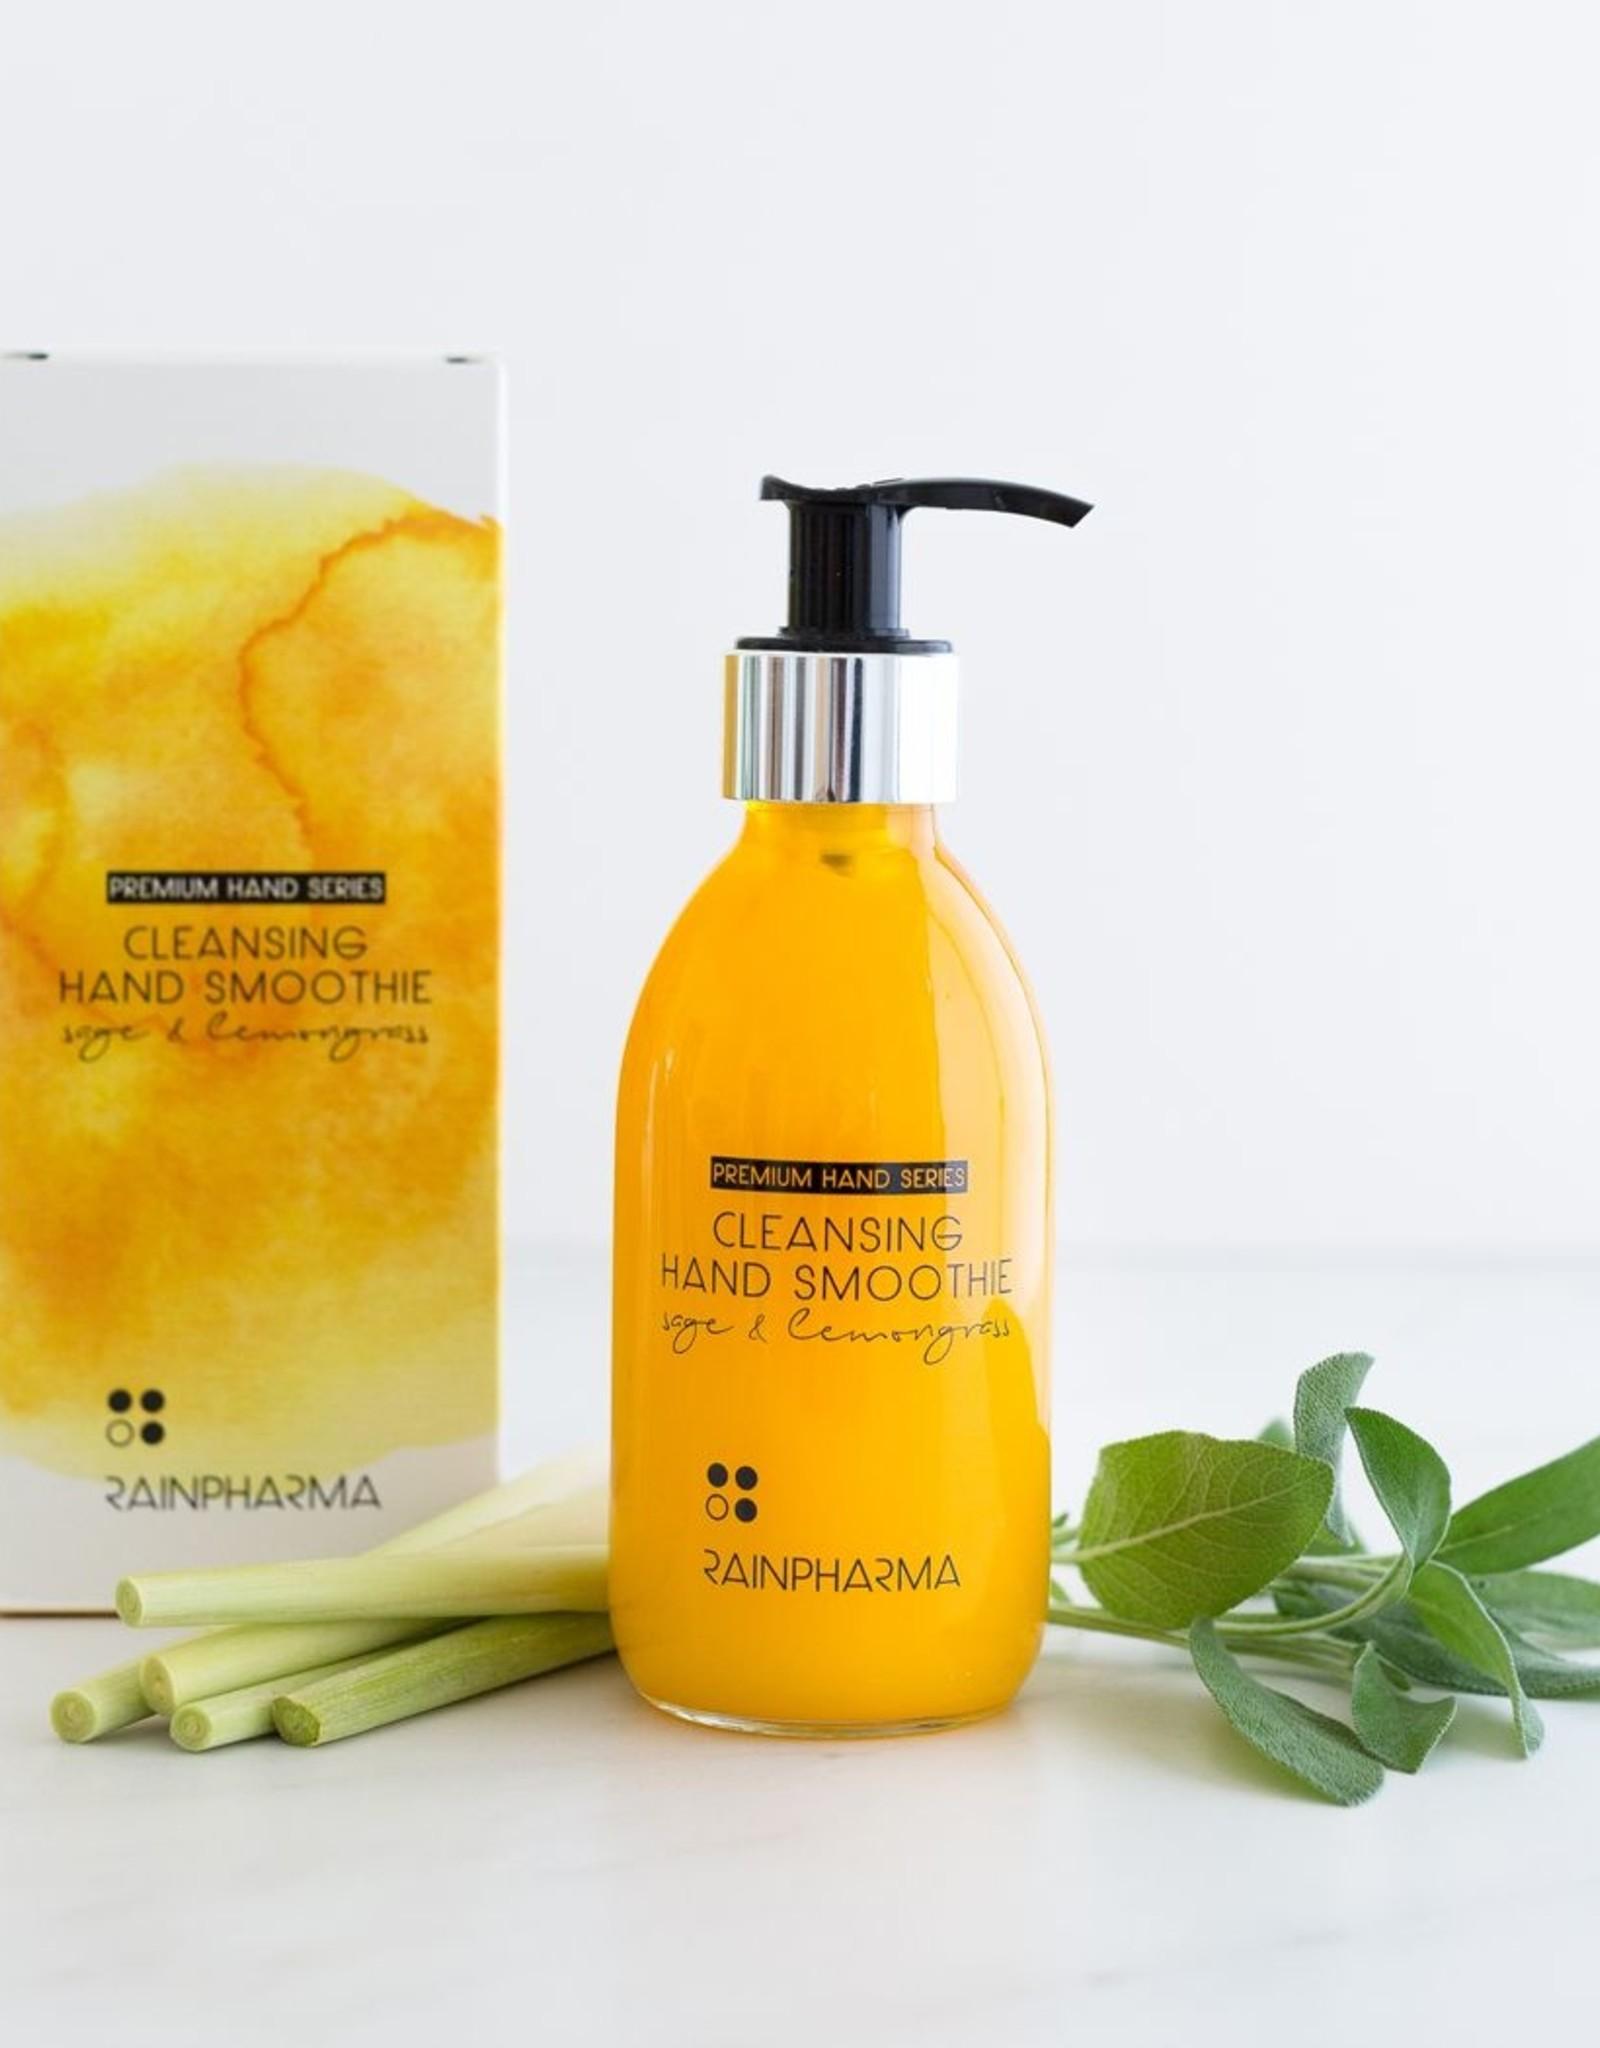 RainPharma Cleansing Hand Smoothie Sage & Lemongrass 200ml - Rainpharma